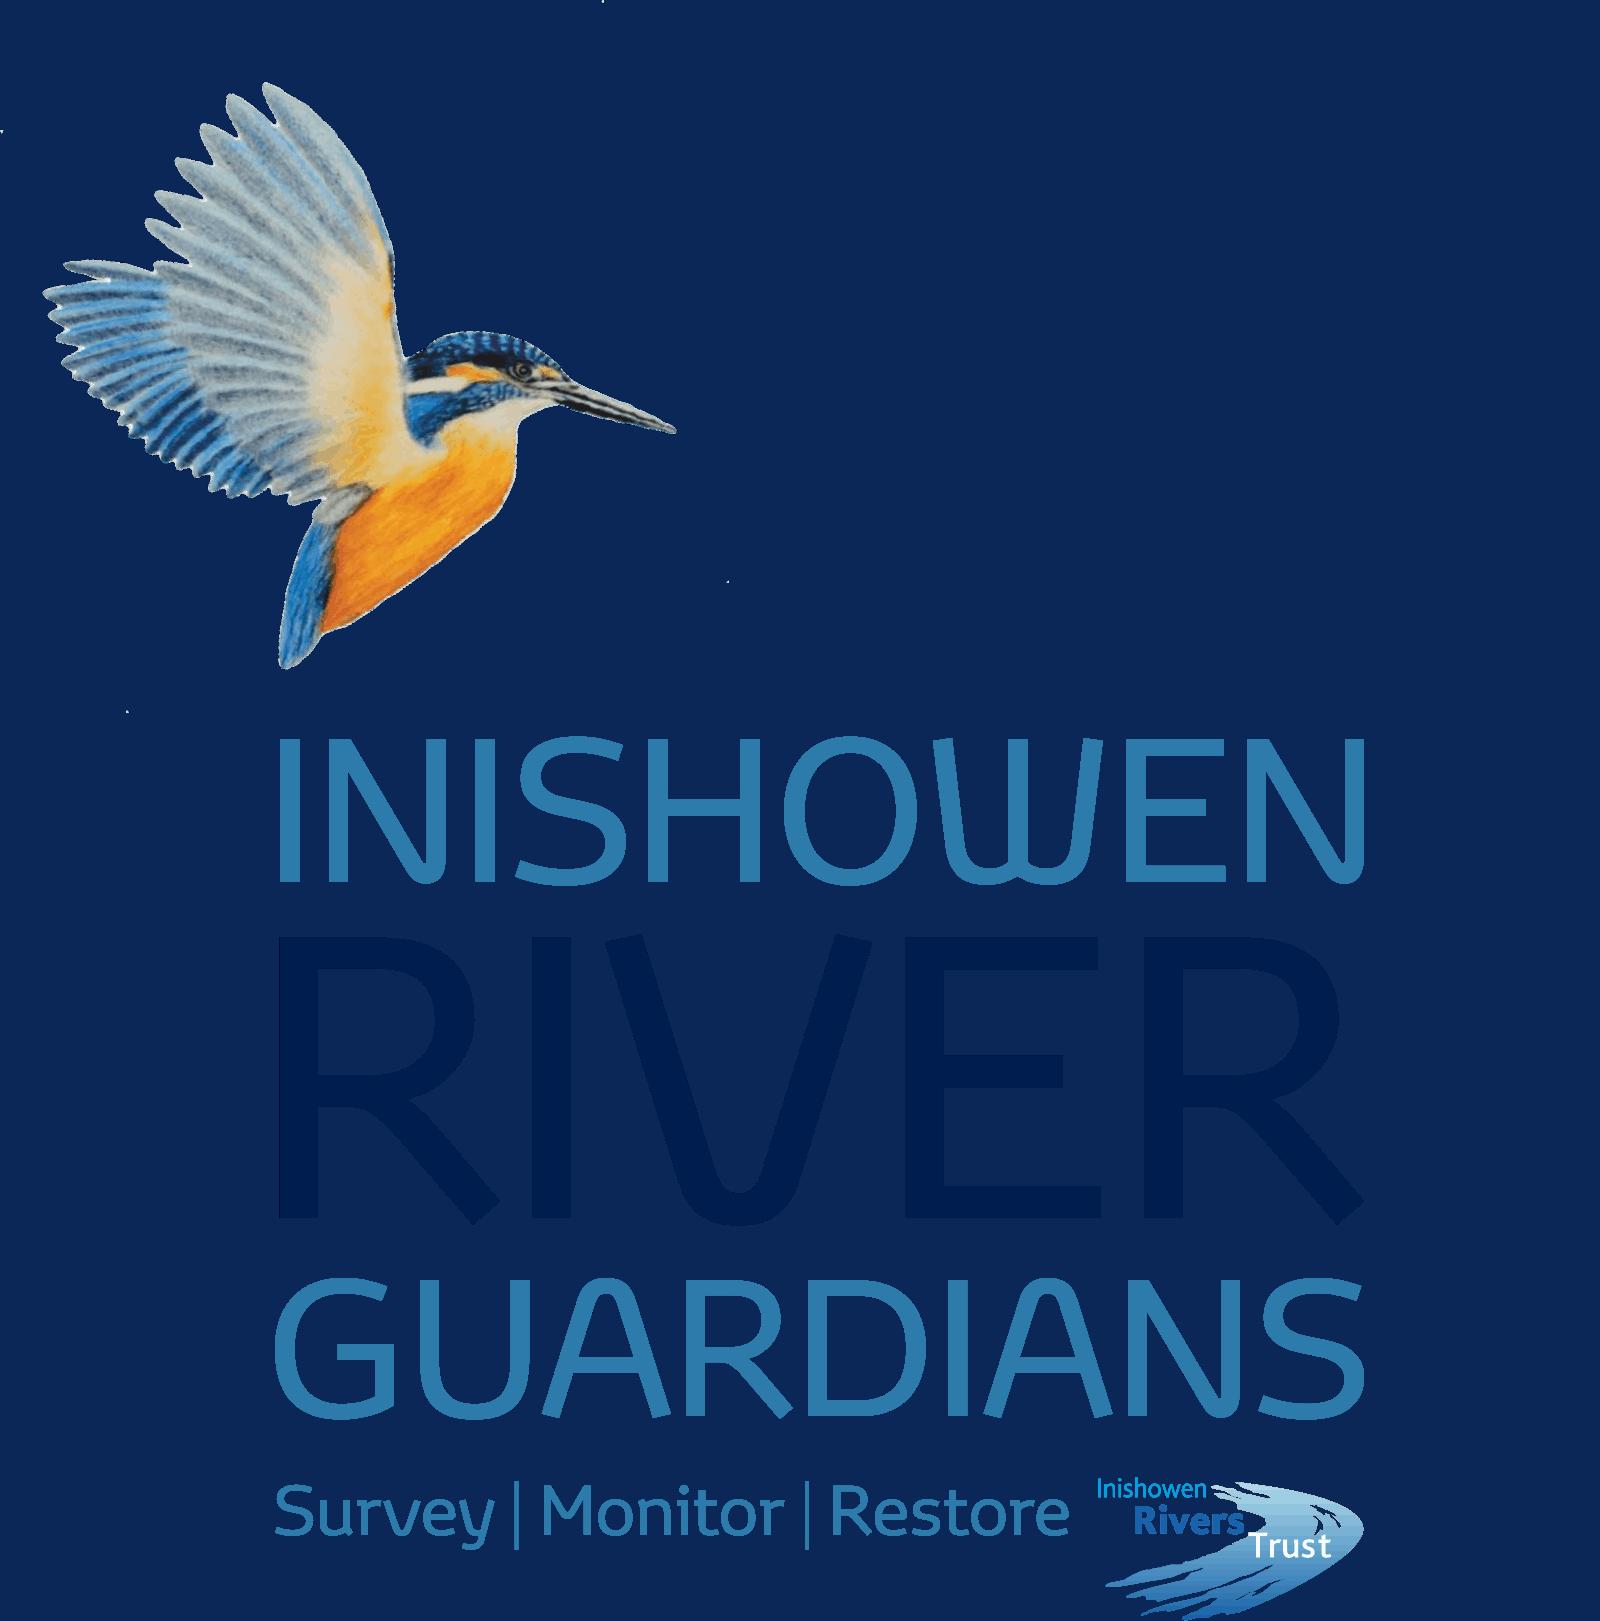 Inishowen Rivers Guardians.